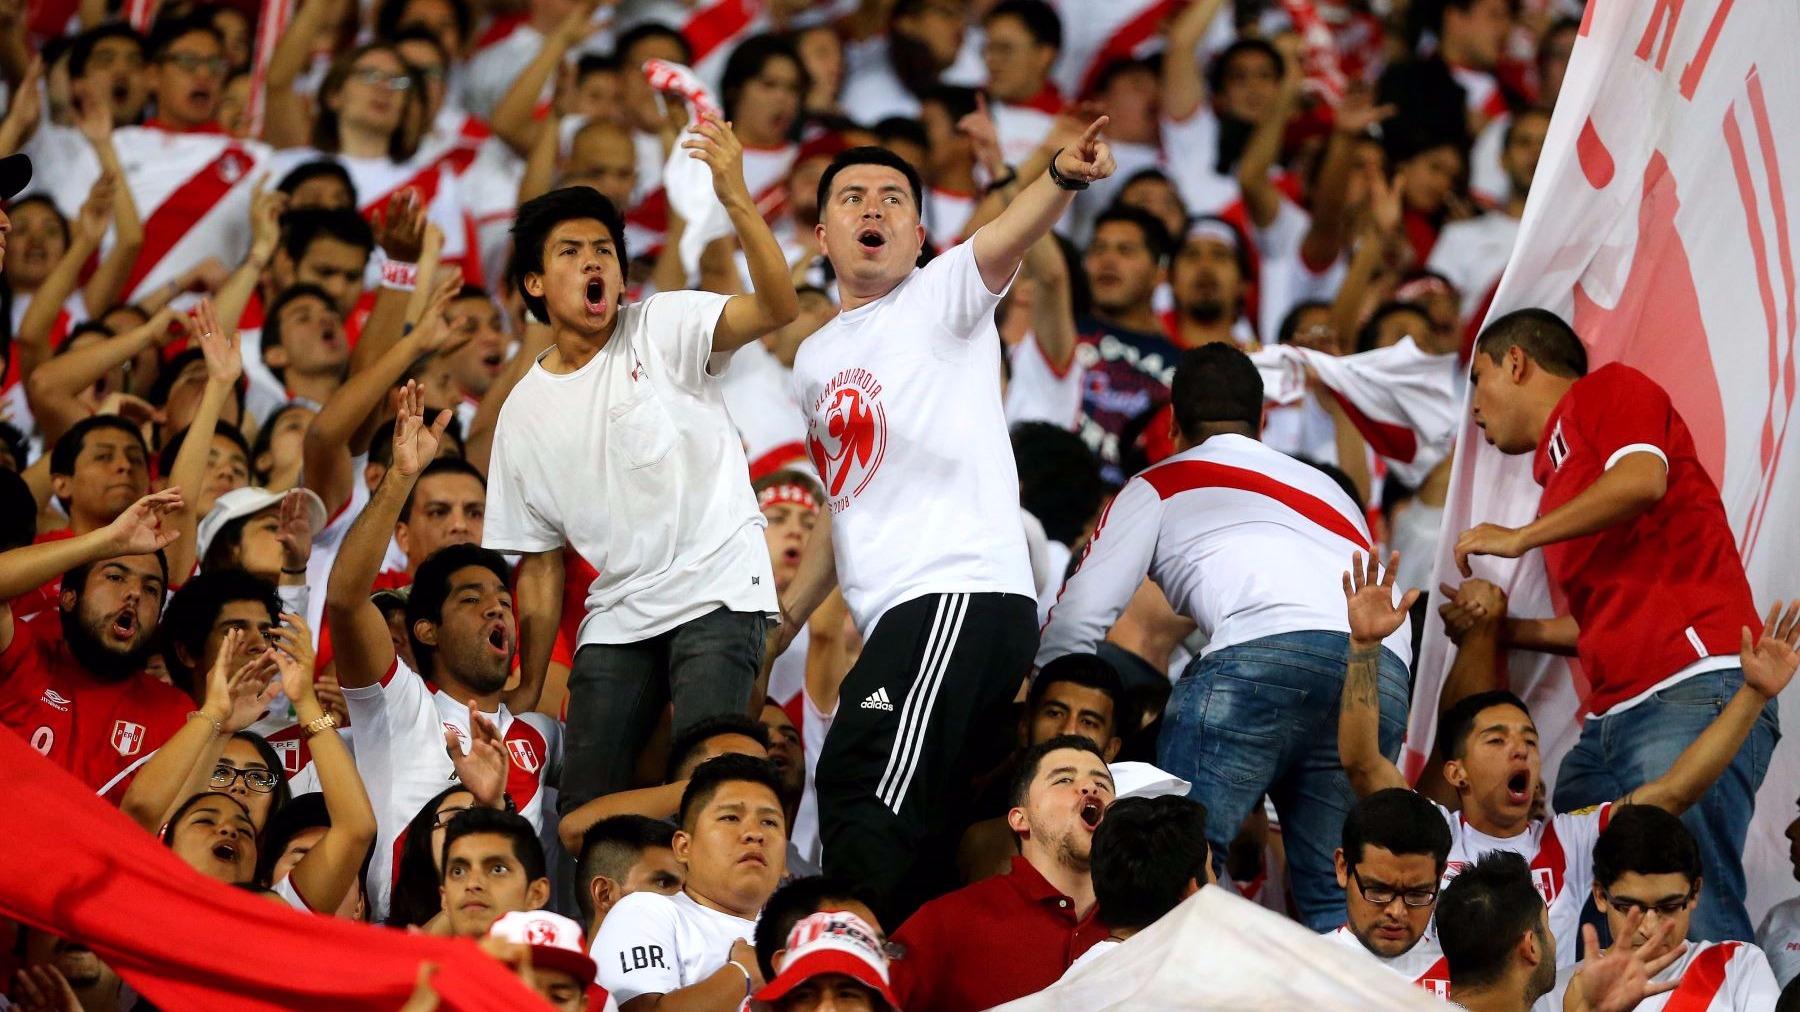 Hinchas en el partido Perú vs. Nueva Zelanda por la clasificación al Mundial Rusia 2018.